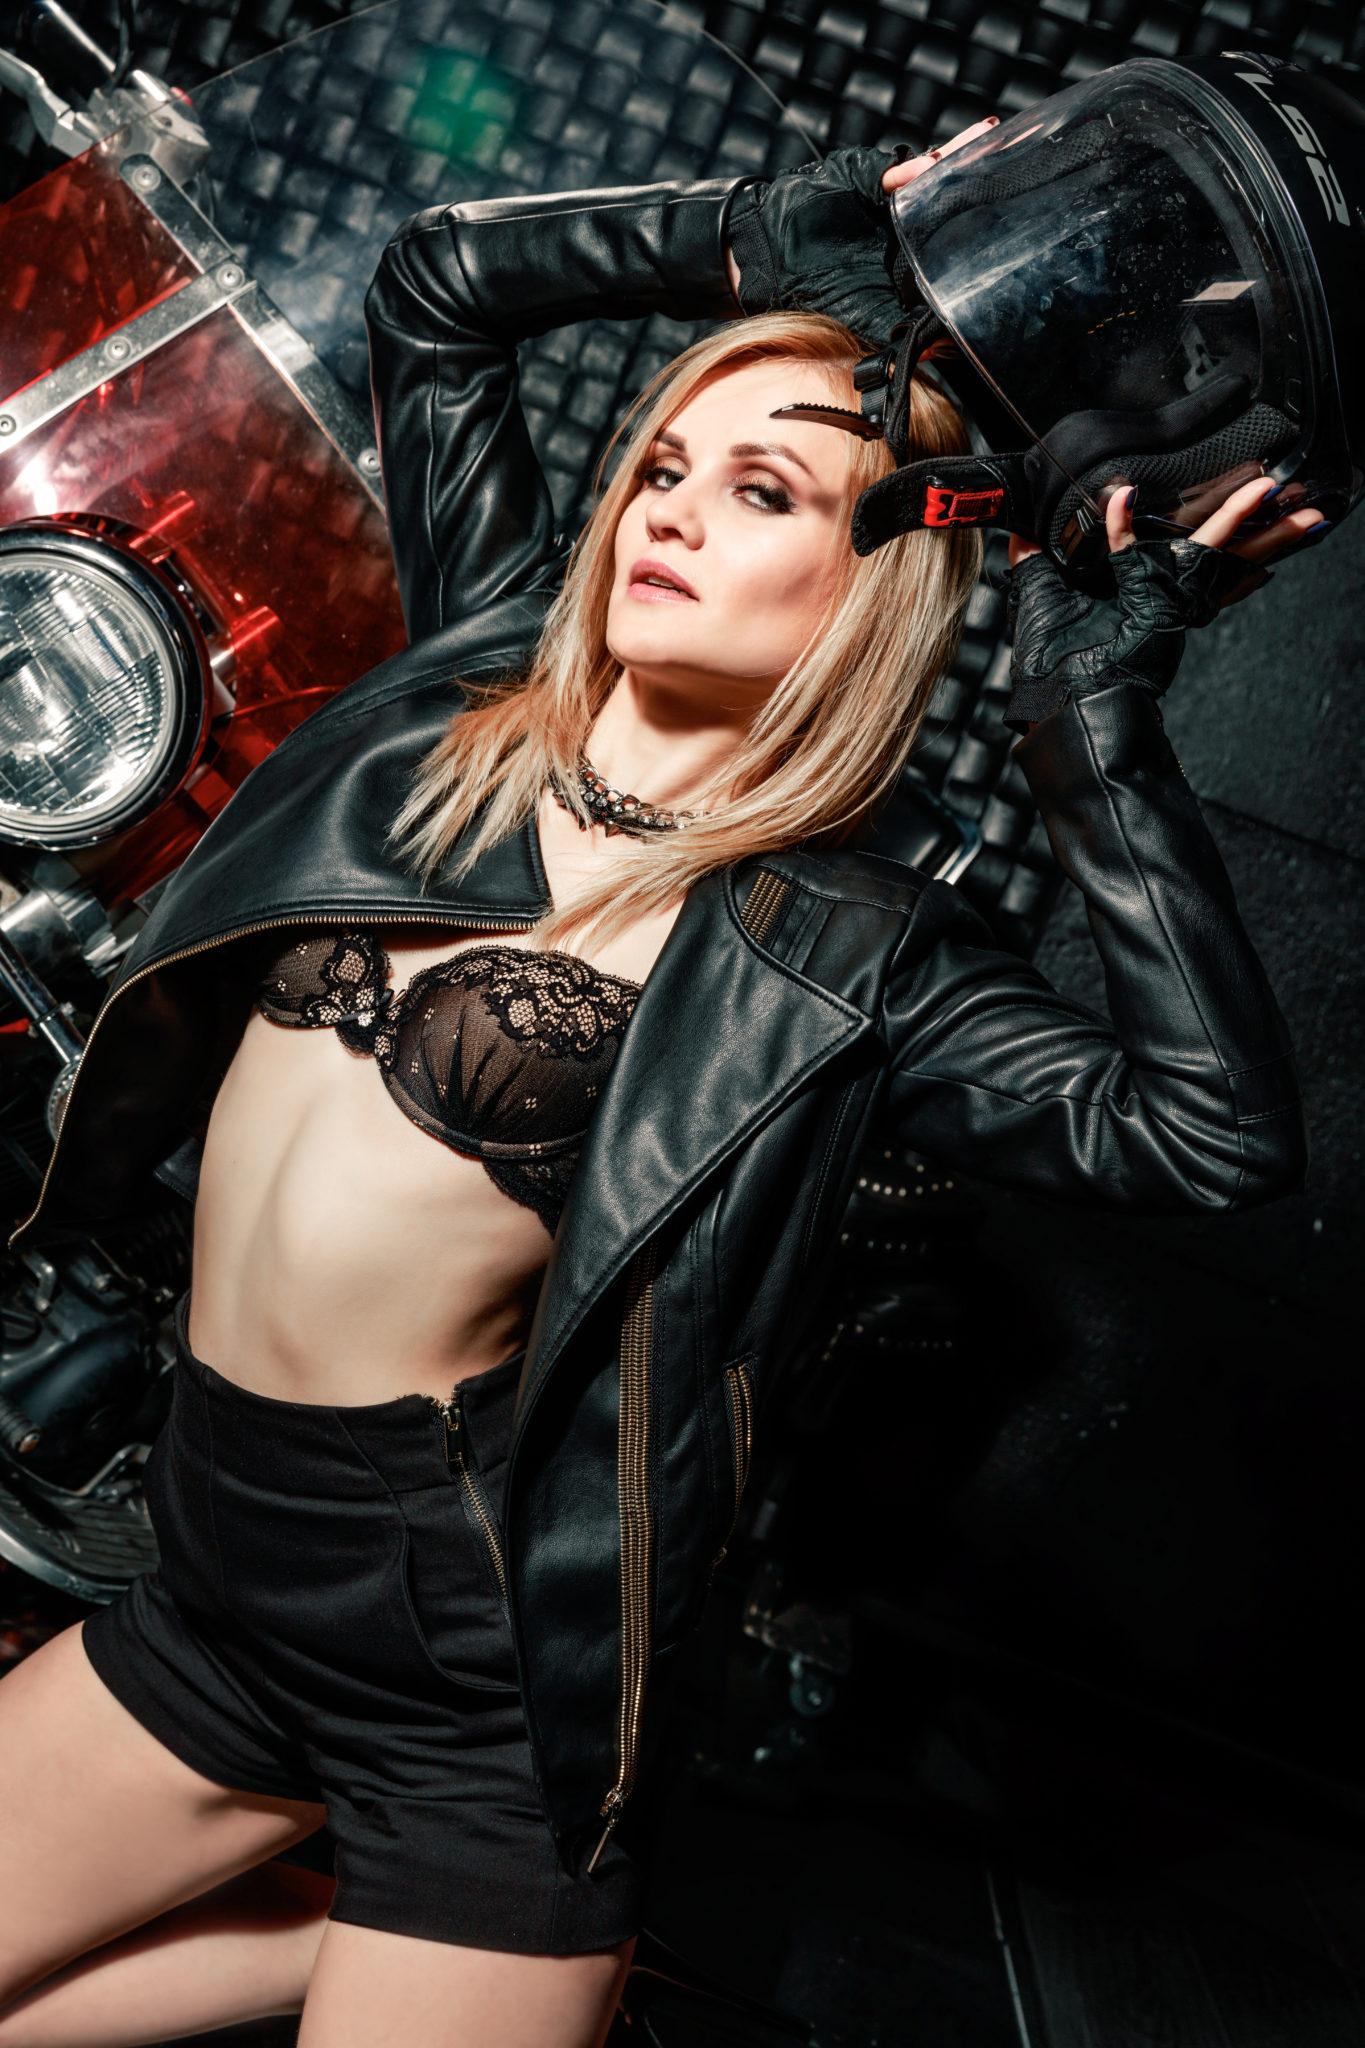 Жанна Романюк как модель для фотосессии с мотоциклом